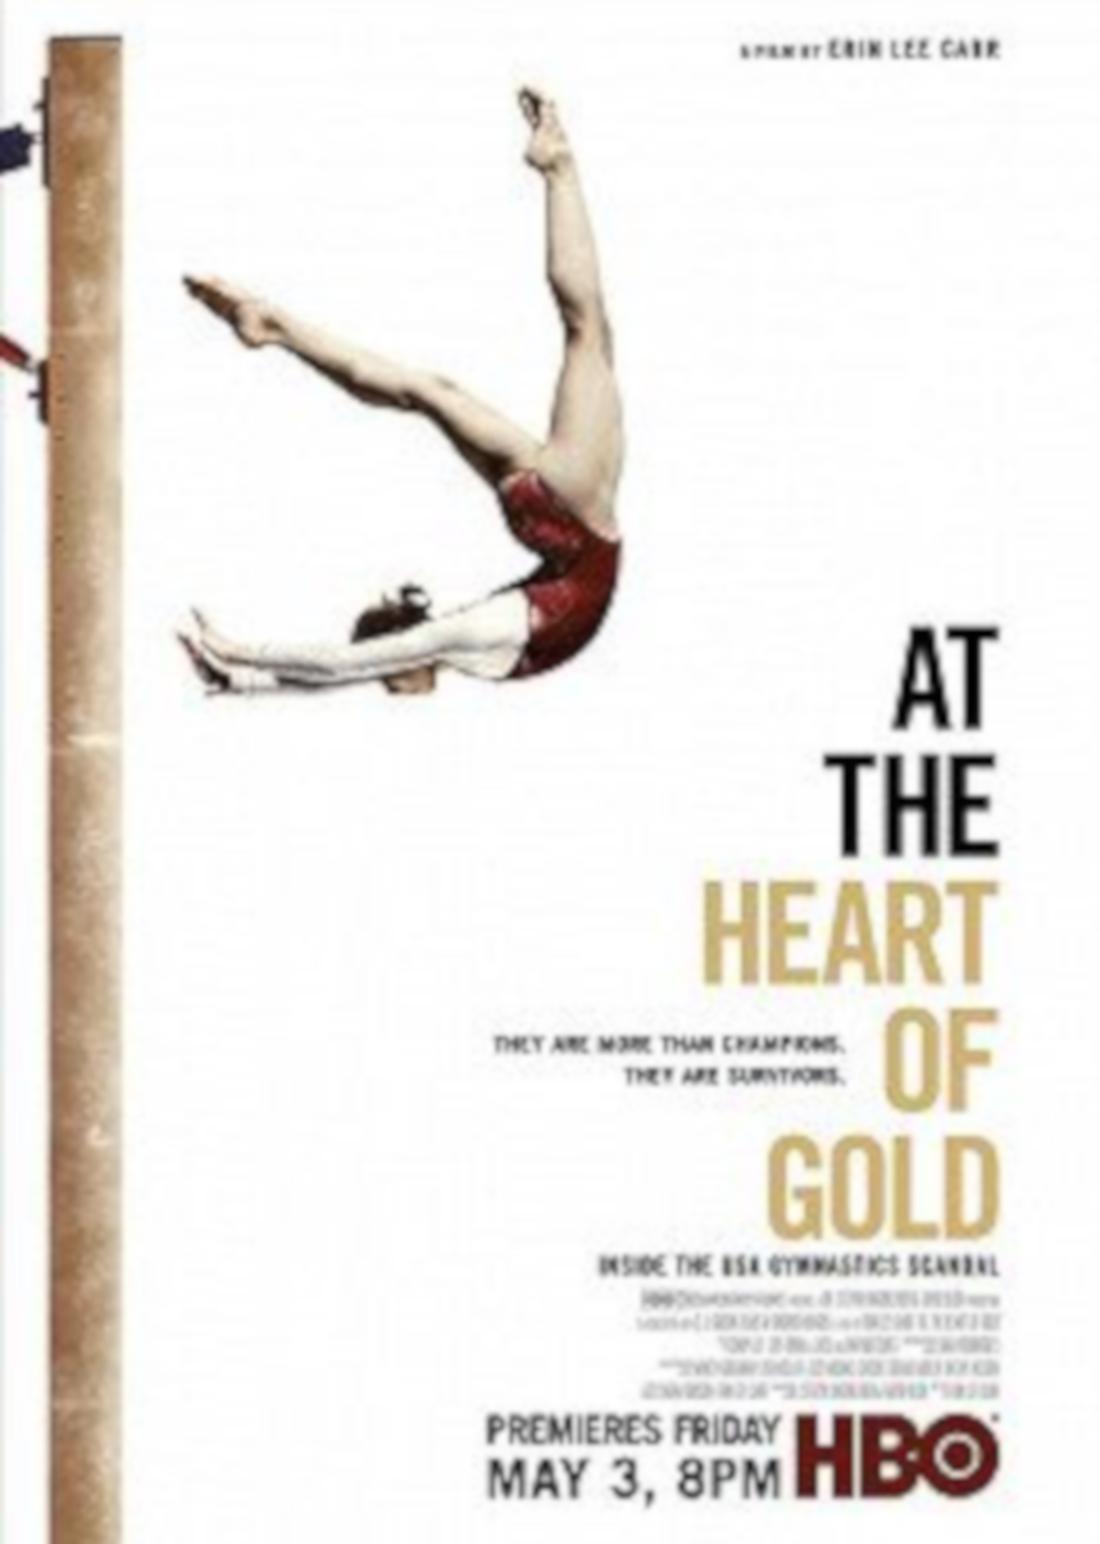 Cena zlata: Odhalení skandálu americké gymnastiky